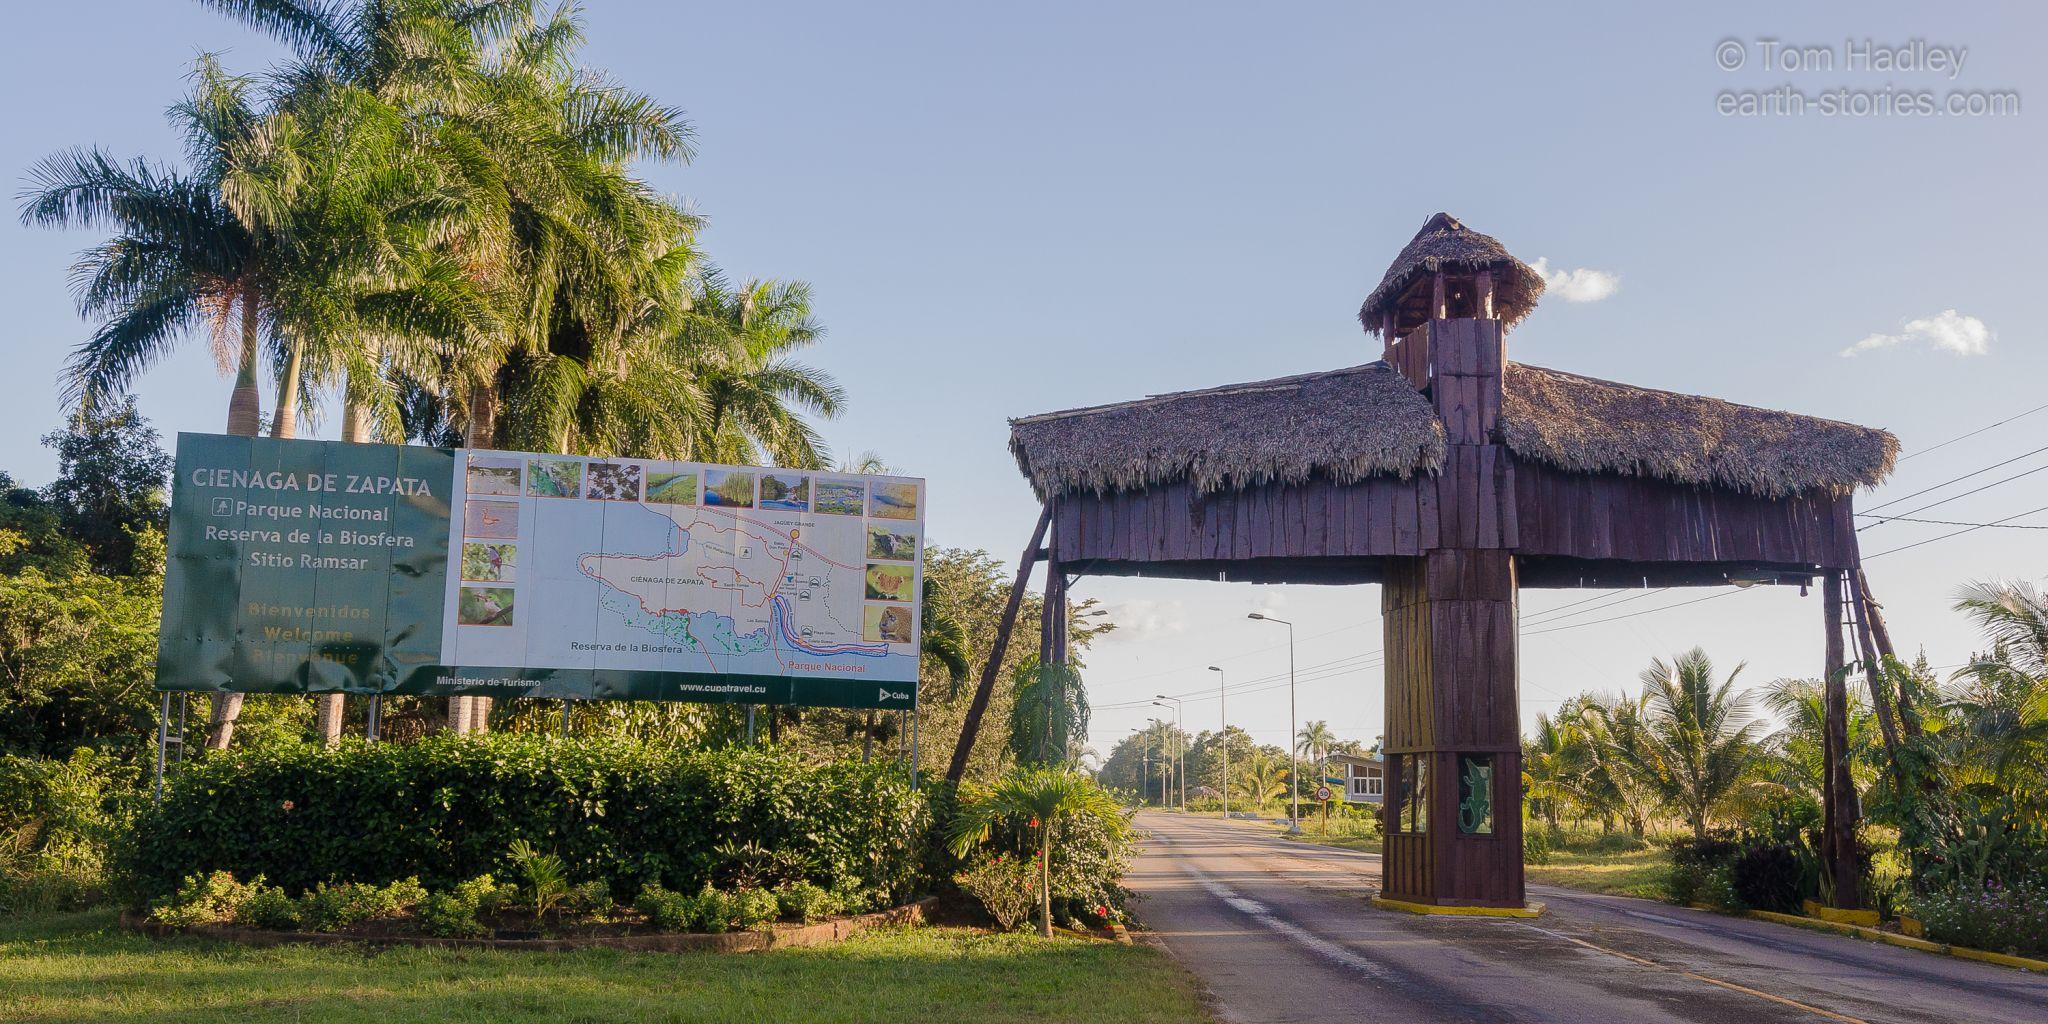 Entrance to Cienaga de Zapata National Park, Cuba